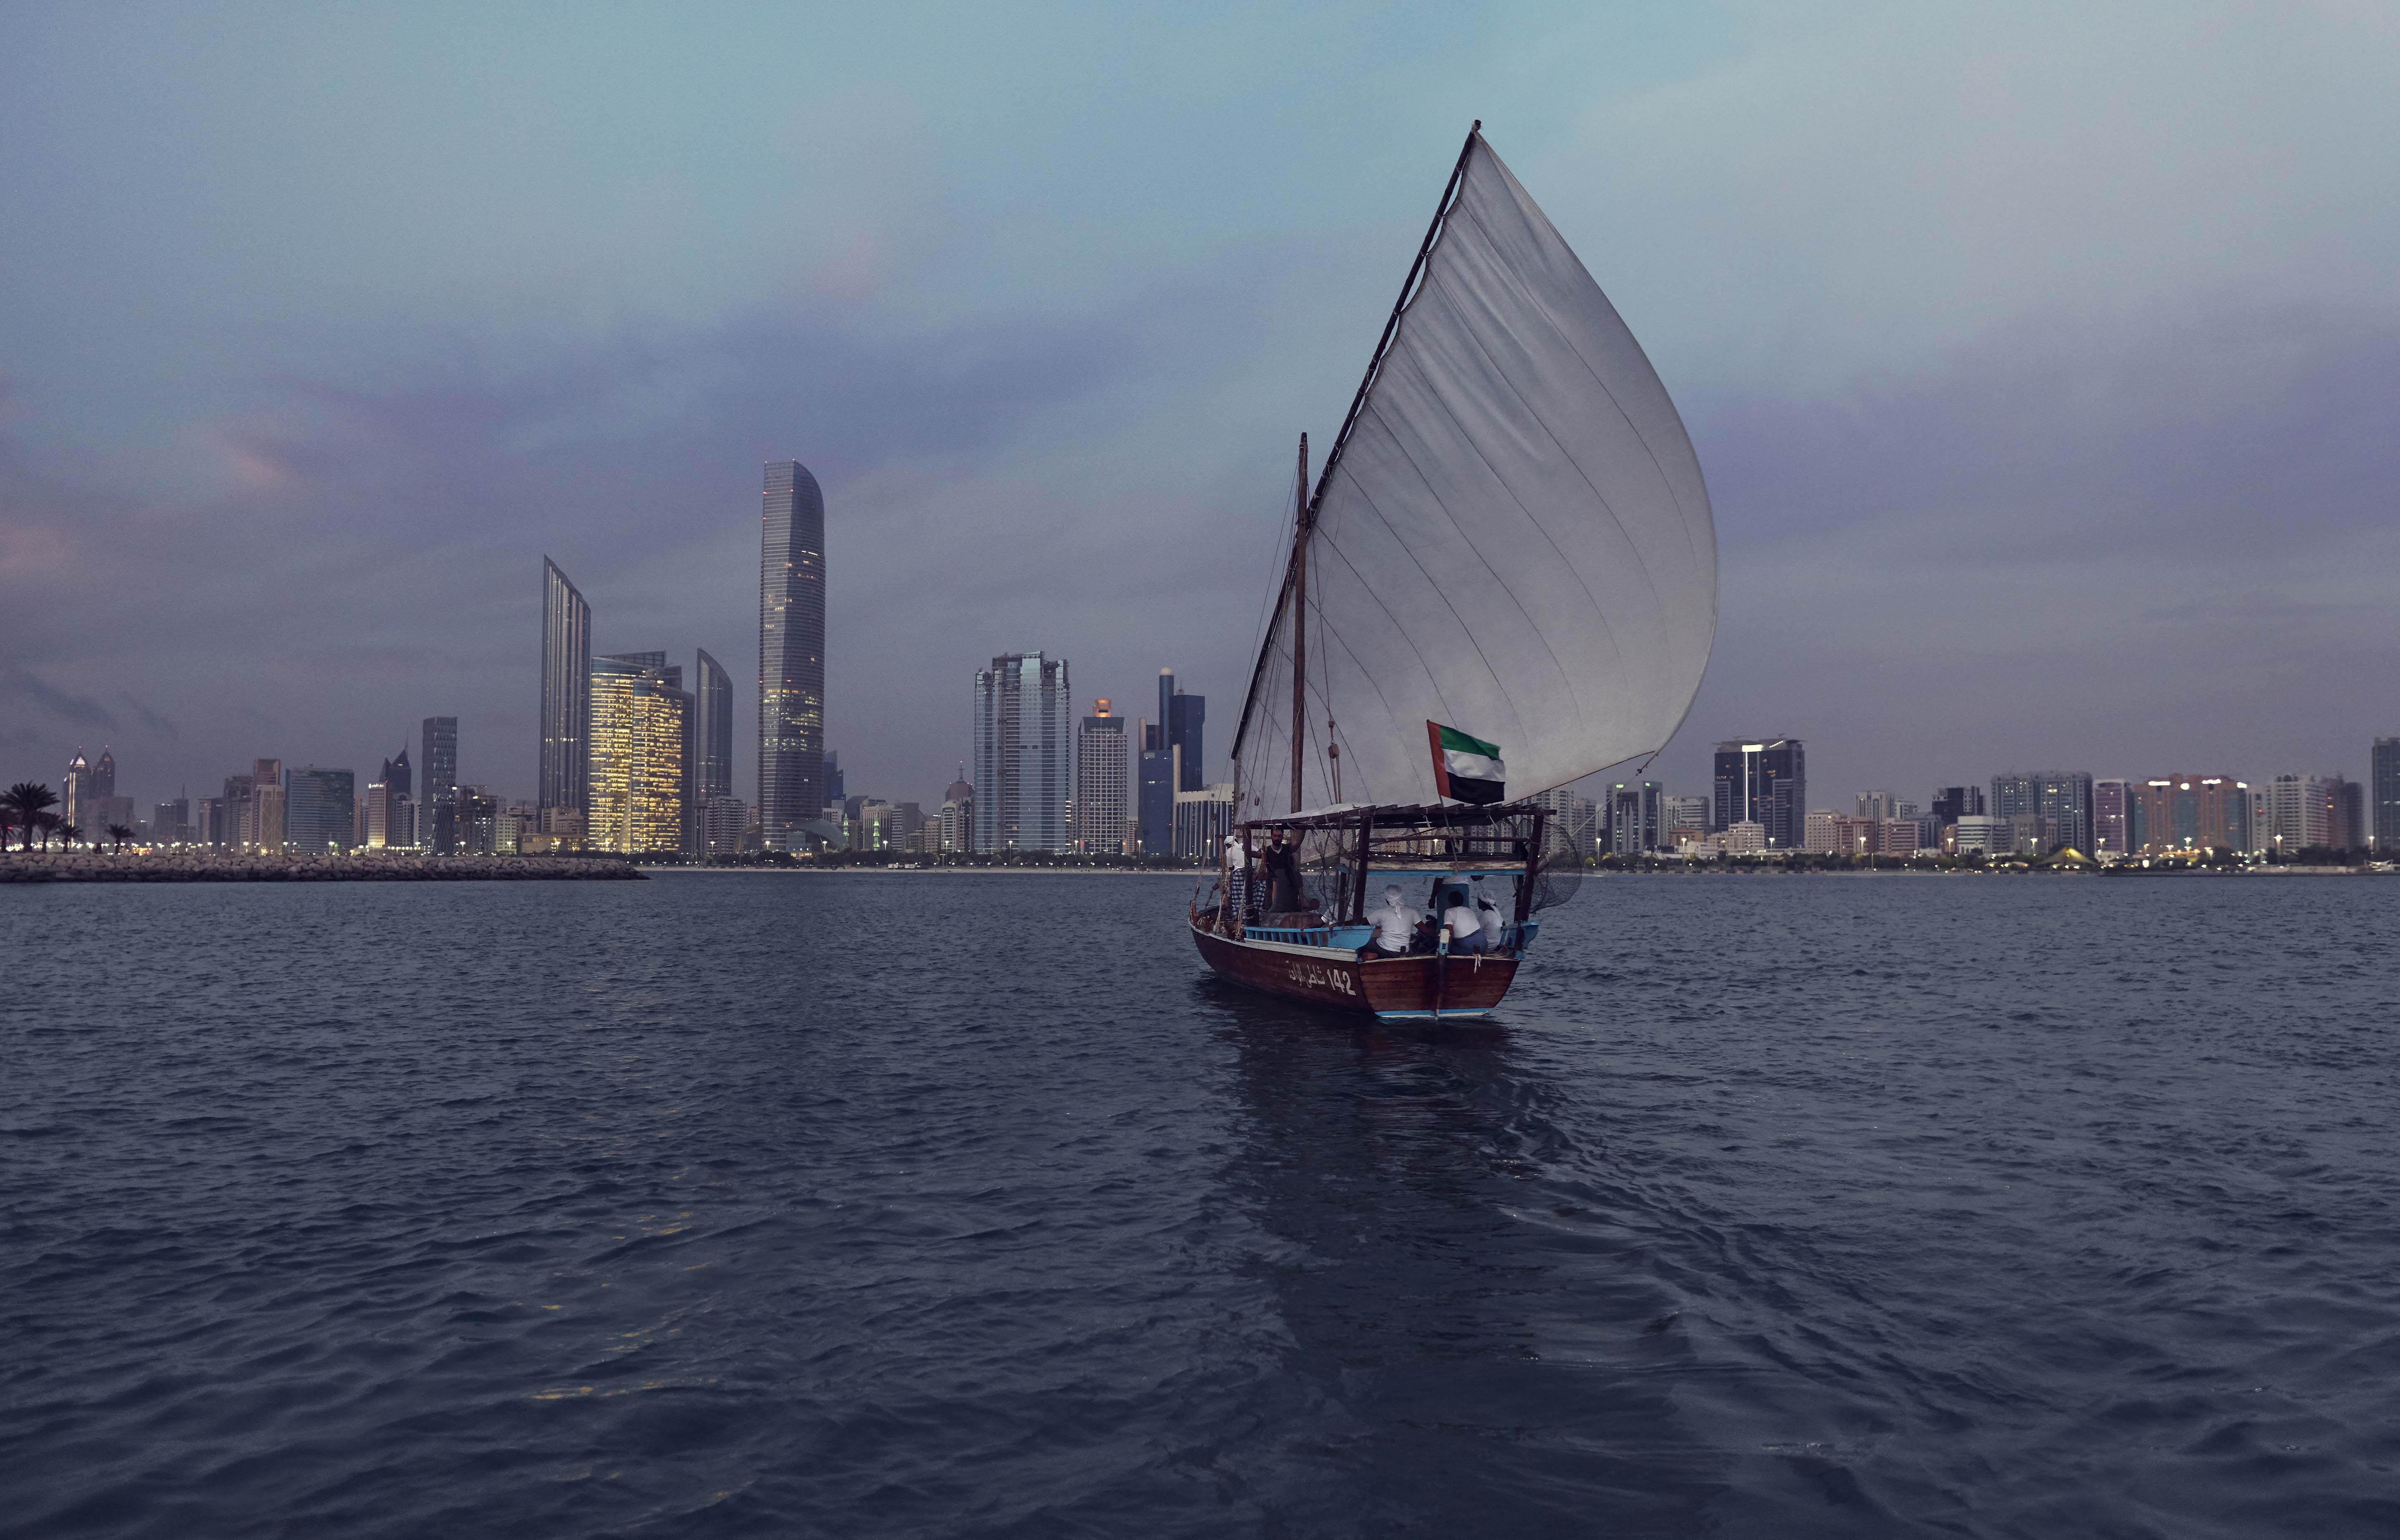 تفوقت على دبي.. أبوظبي الوجهة السياحية الأسرع نمواً في المنطقة